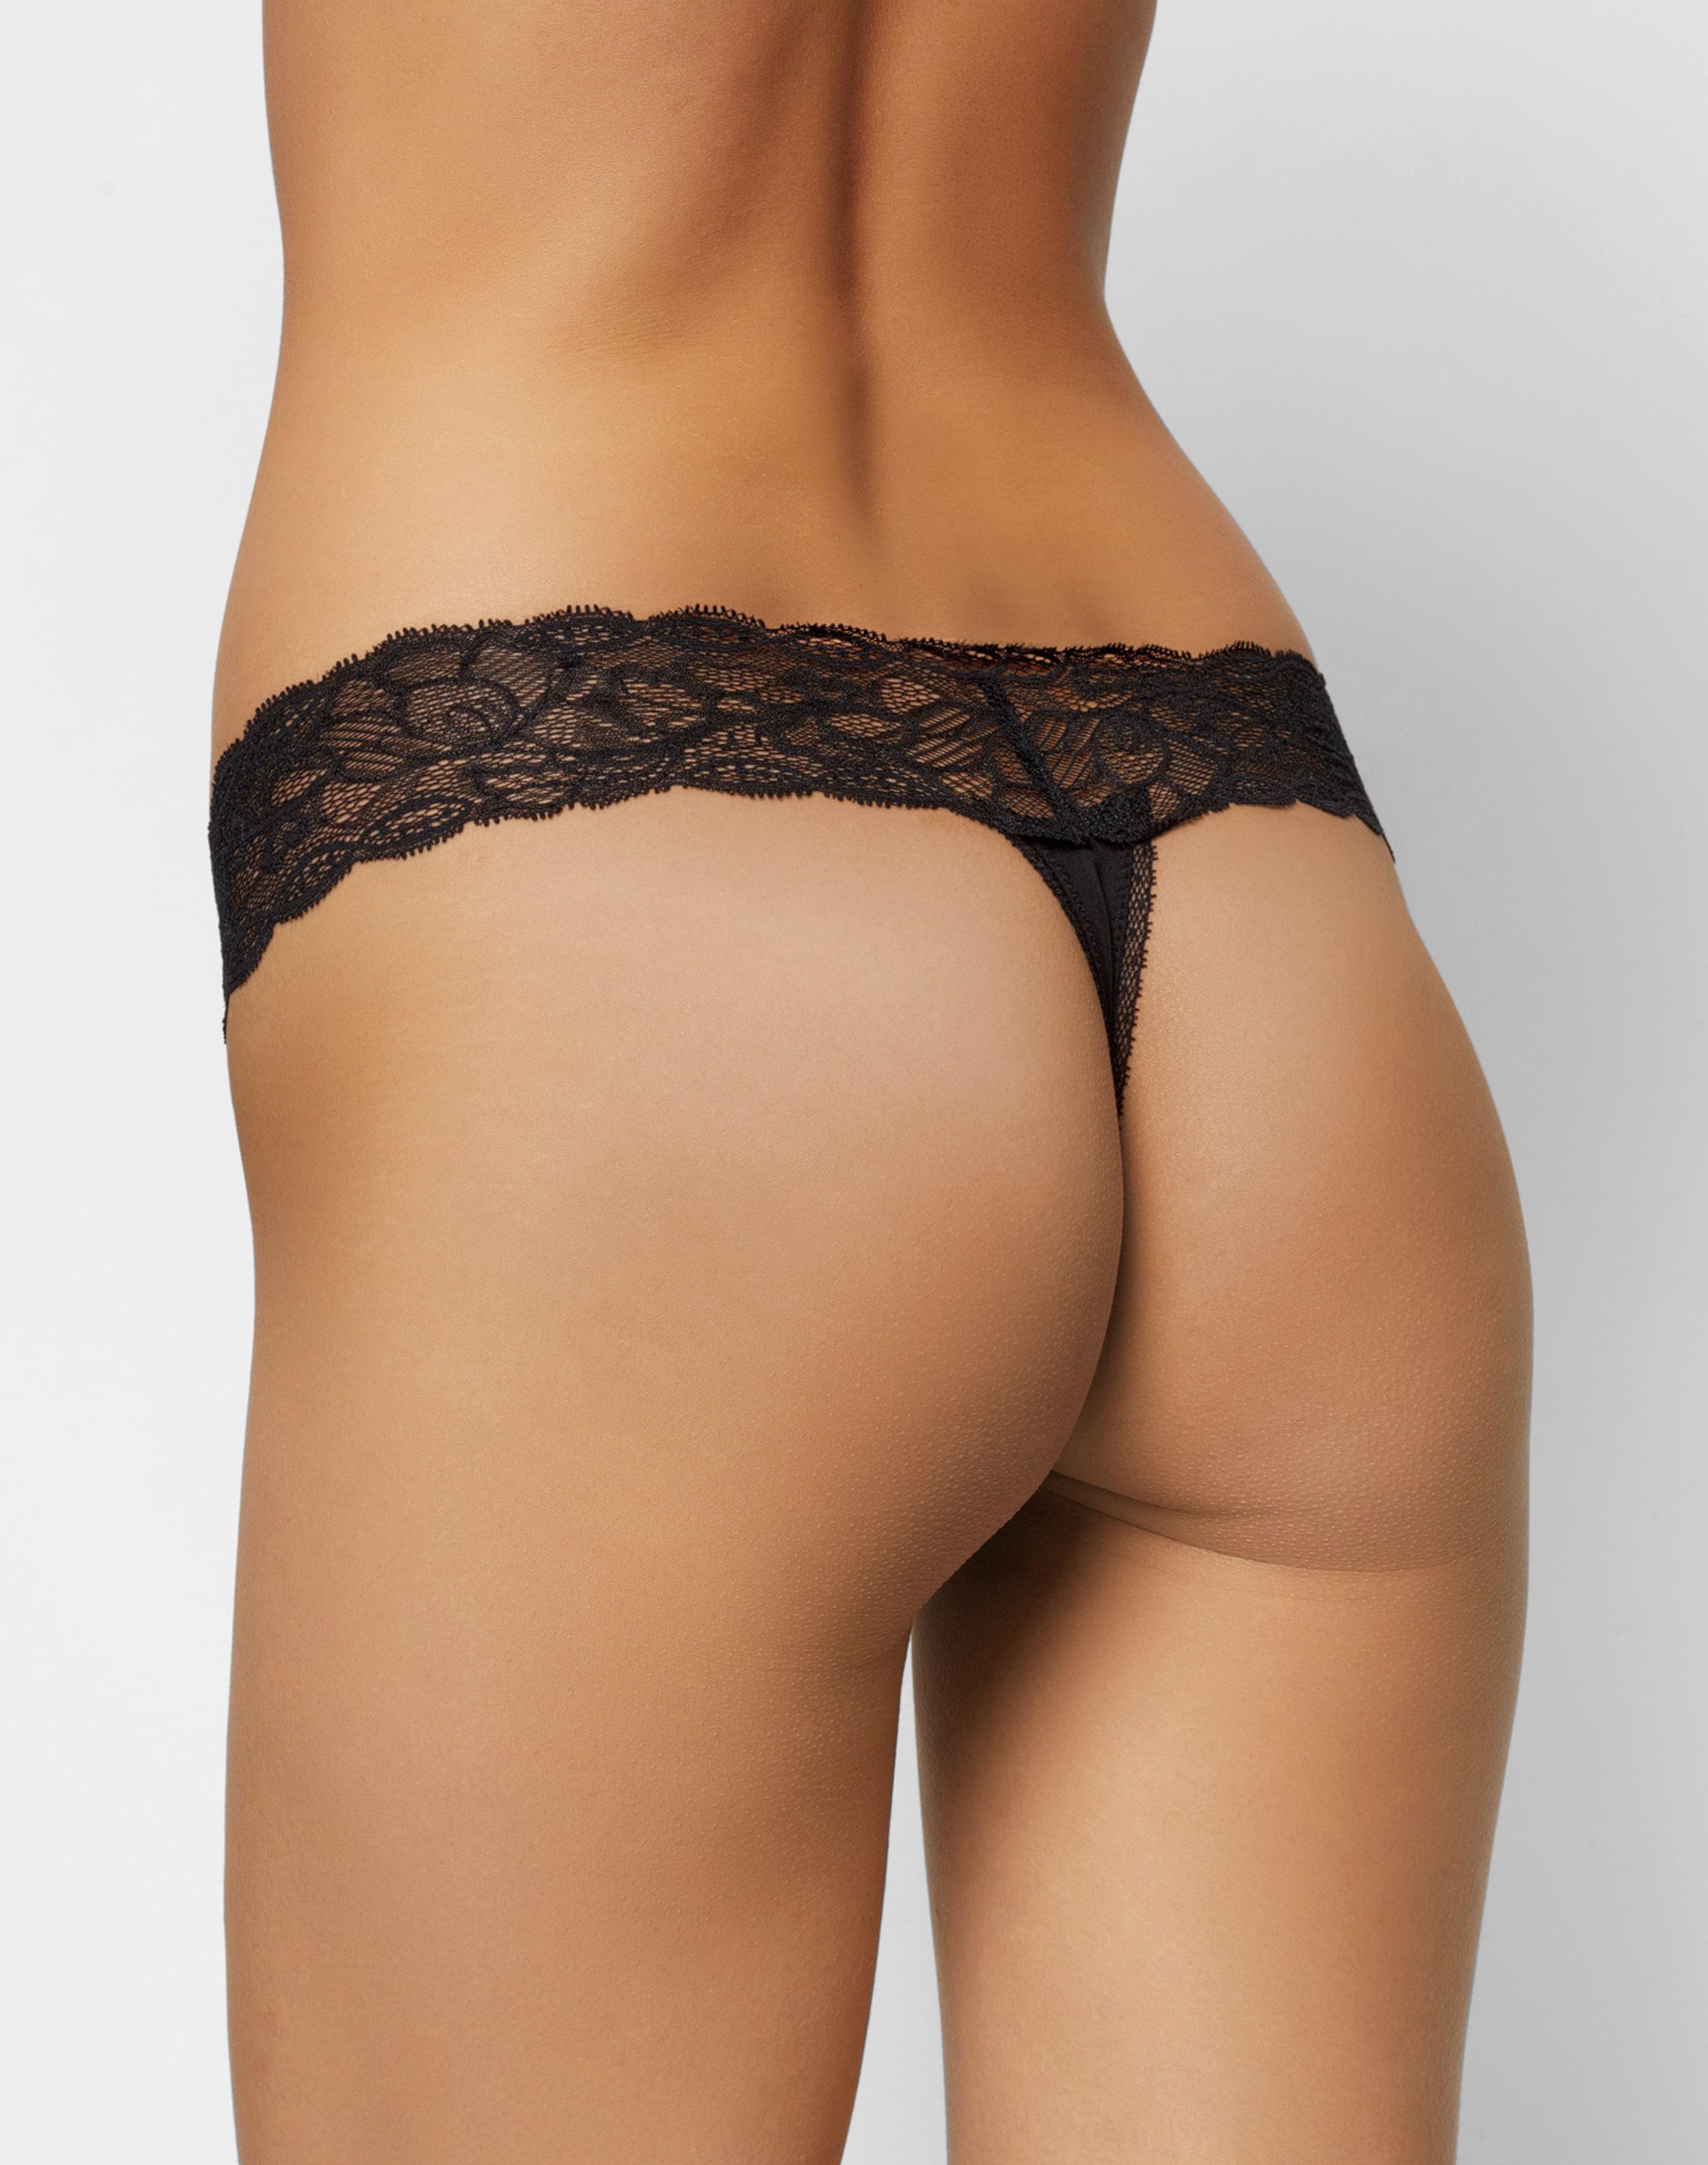 Billige Neueste Beste Authentisch Calvin Klein underwear String mit Spitzendetails 'Thong' Auslass 2018 Online-Verkauf Verkauf Empfehlen d6Z01Z3